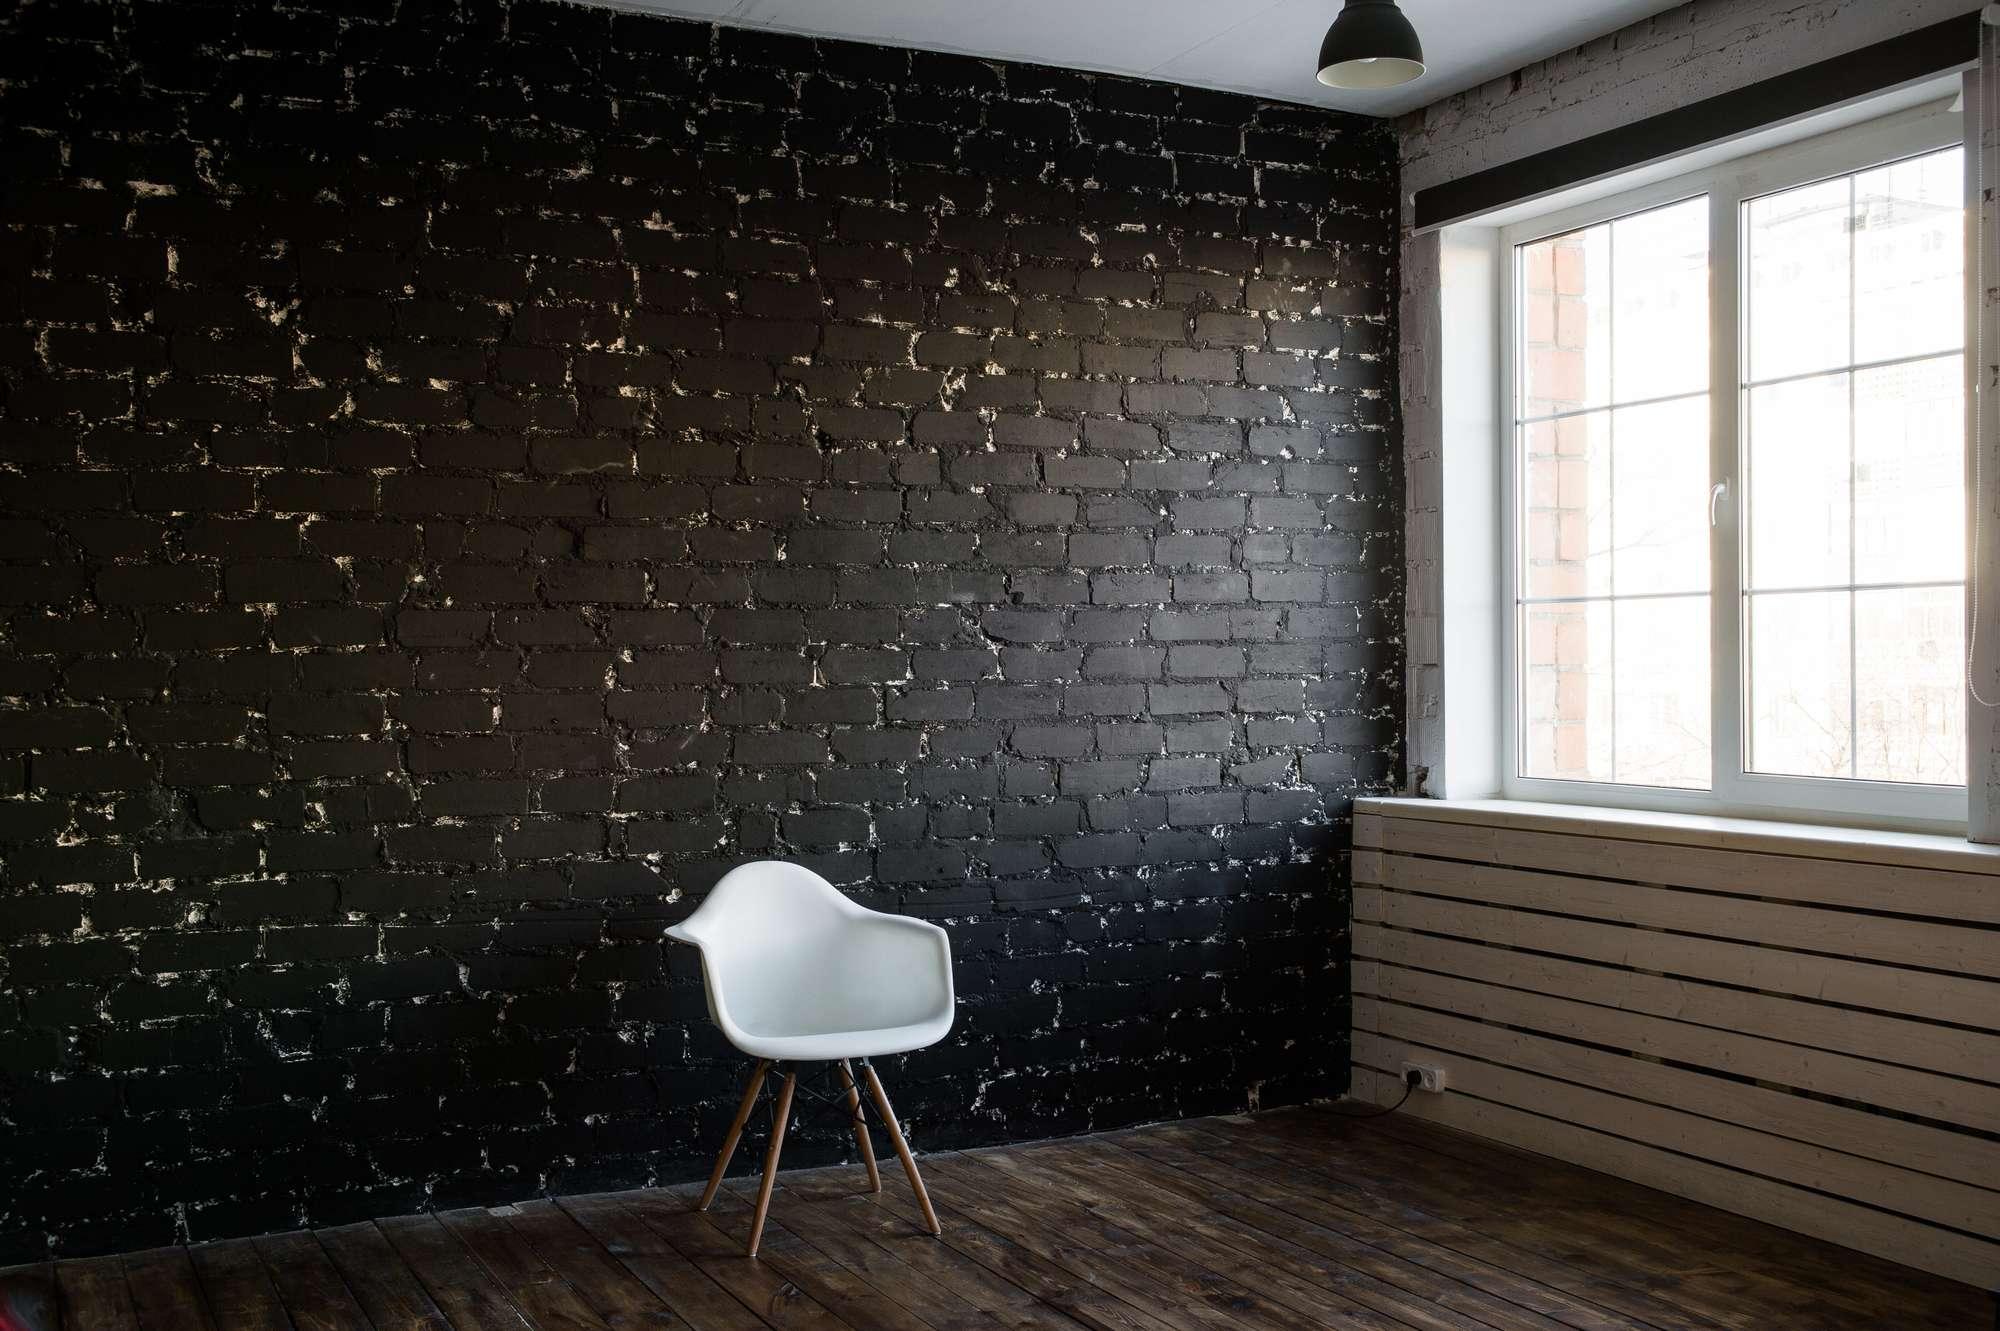 レンガ調の壁紙を導入しませんか カラーリング次第でどんな雰囲気も演出 千葉県柏市のデザインリフォームとリノベーションはタカネザワナイソウ工業